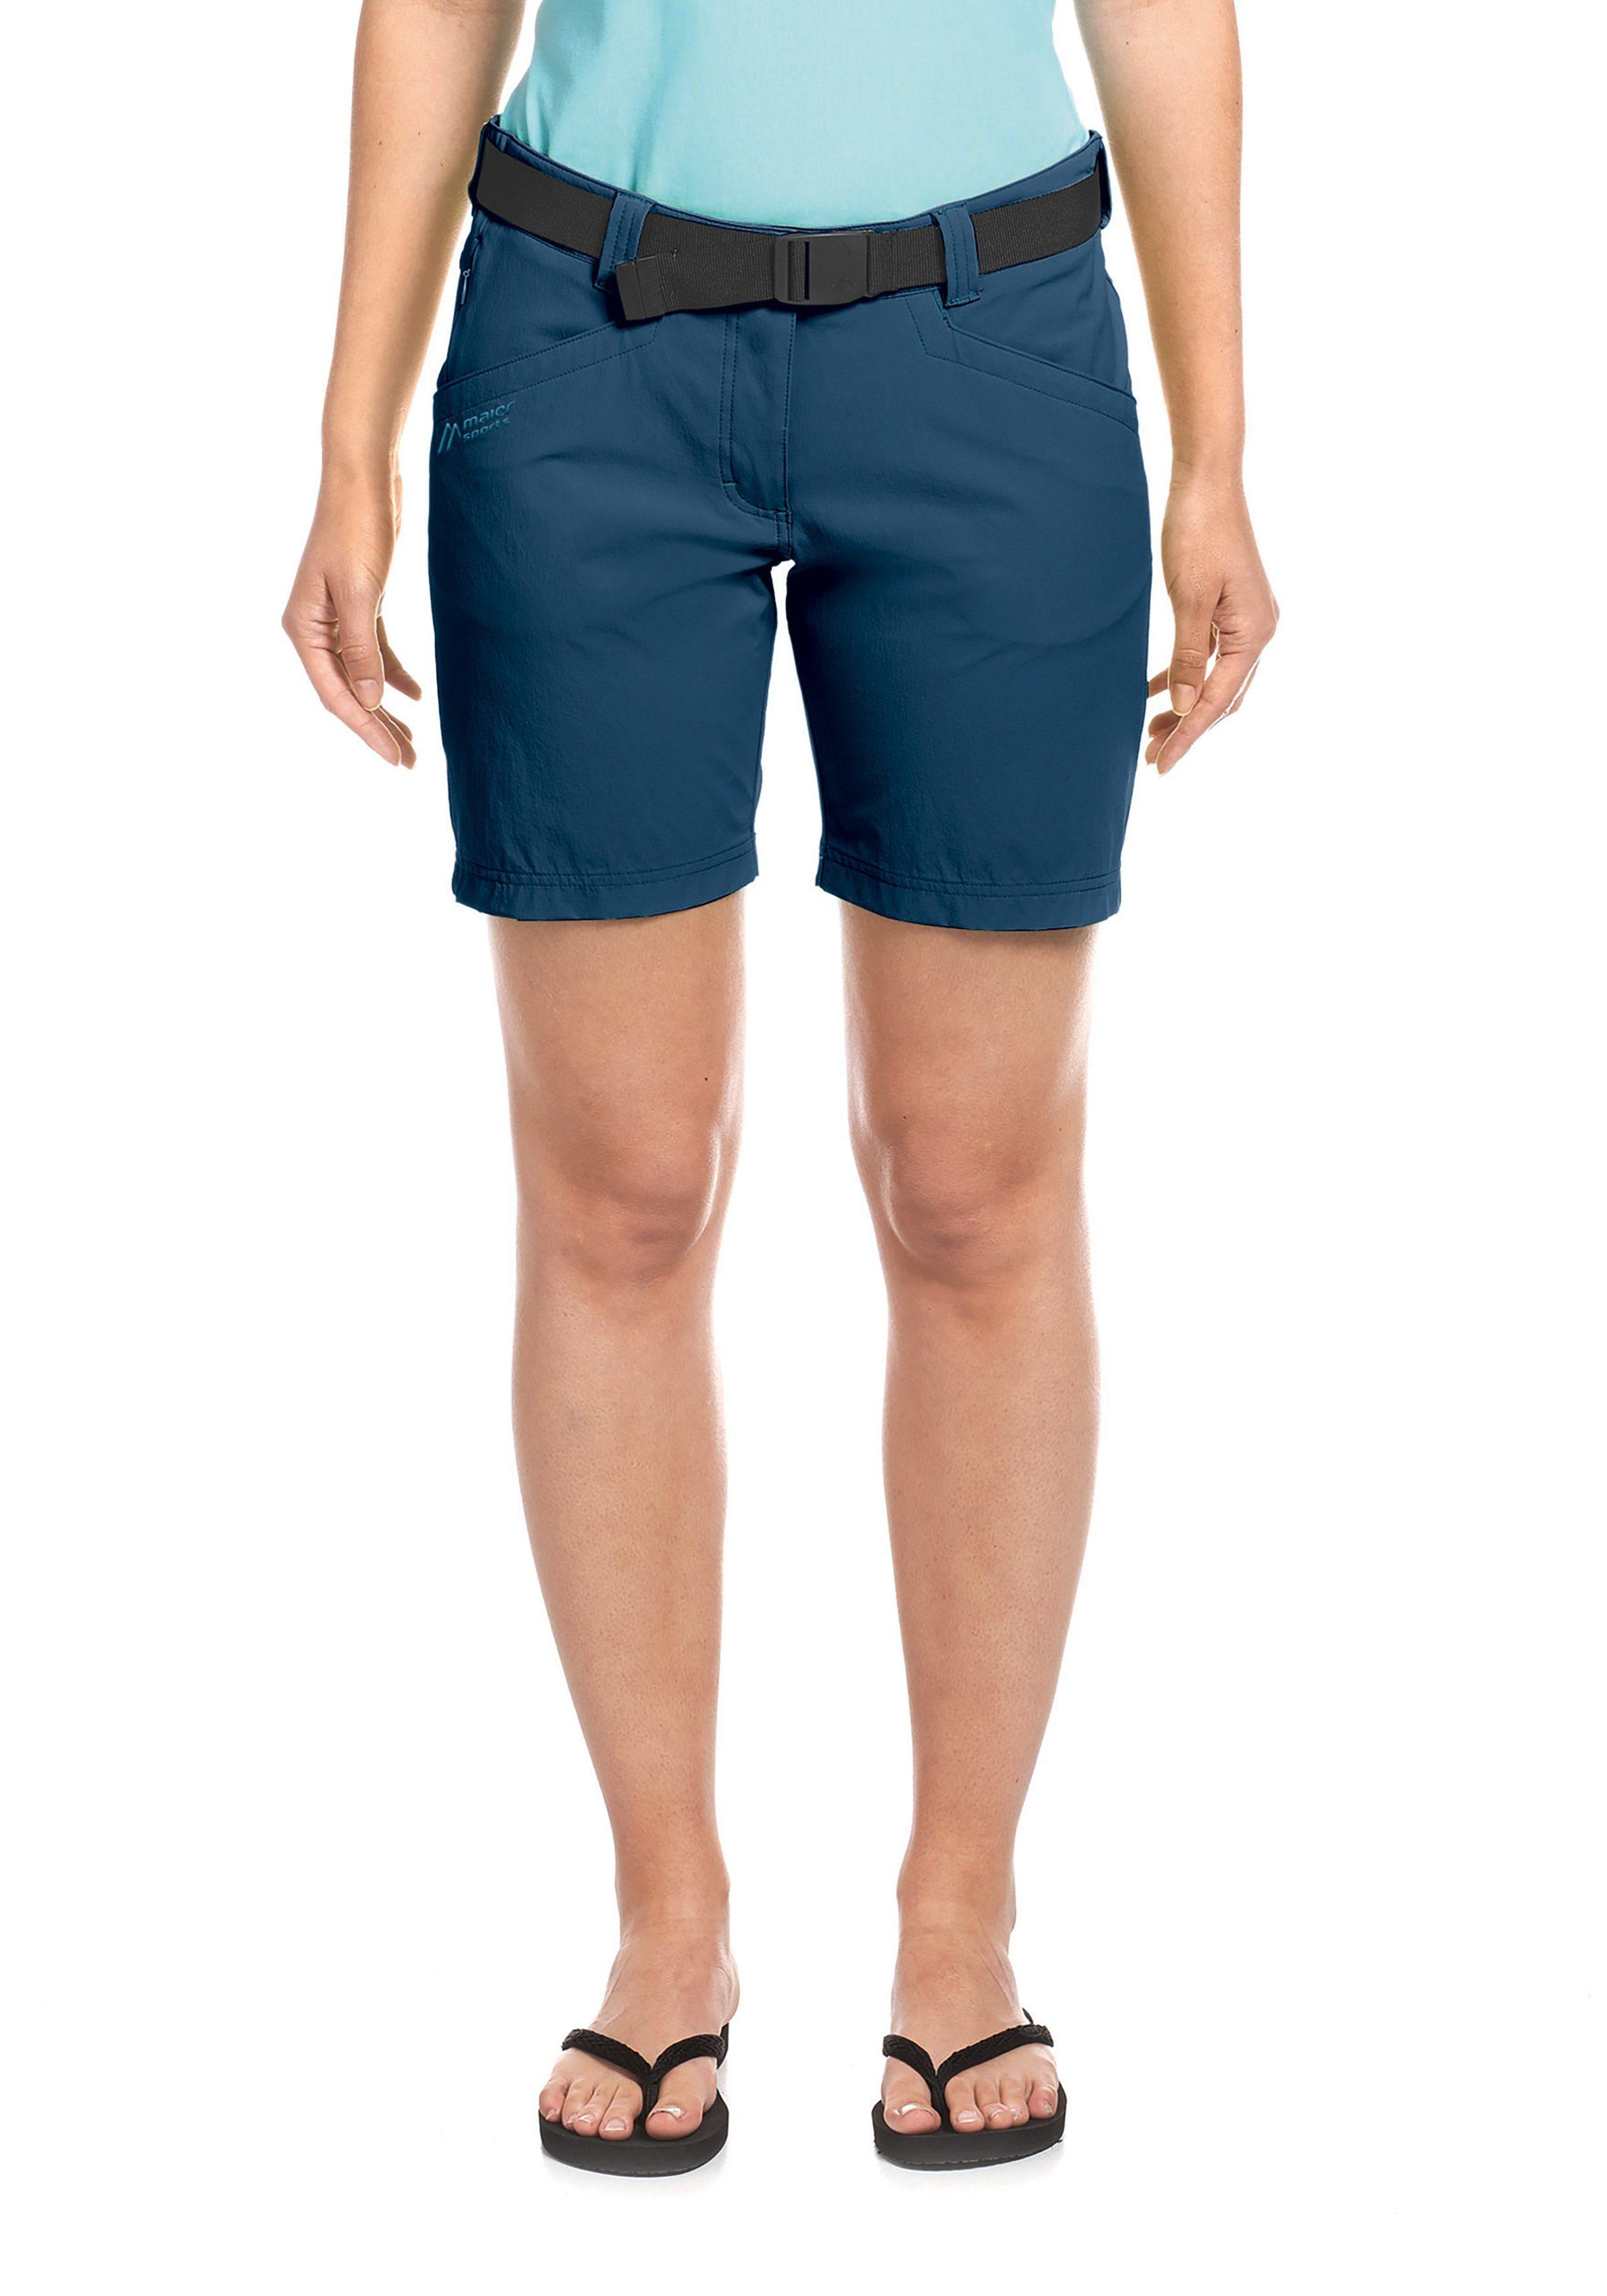 Maier Sports Funktionsshorts Lulaka Shorts | Sportbekleidung > Sporthosen > Sportshorts | maier sports